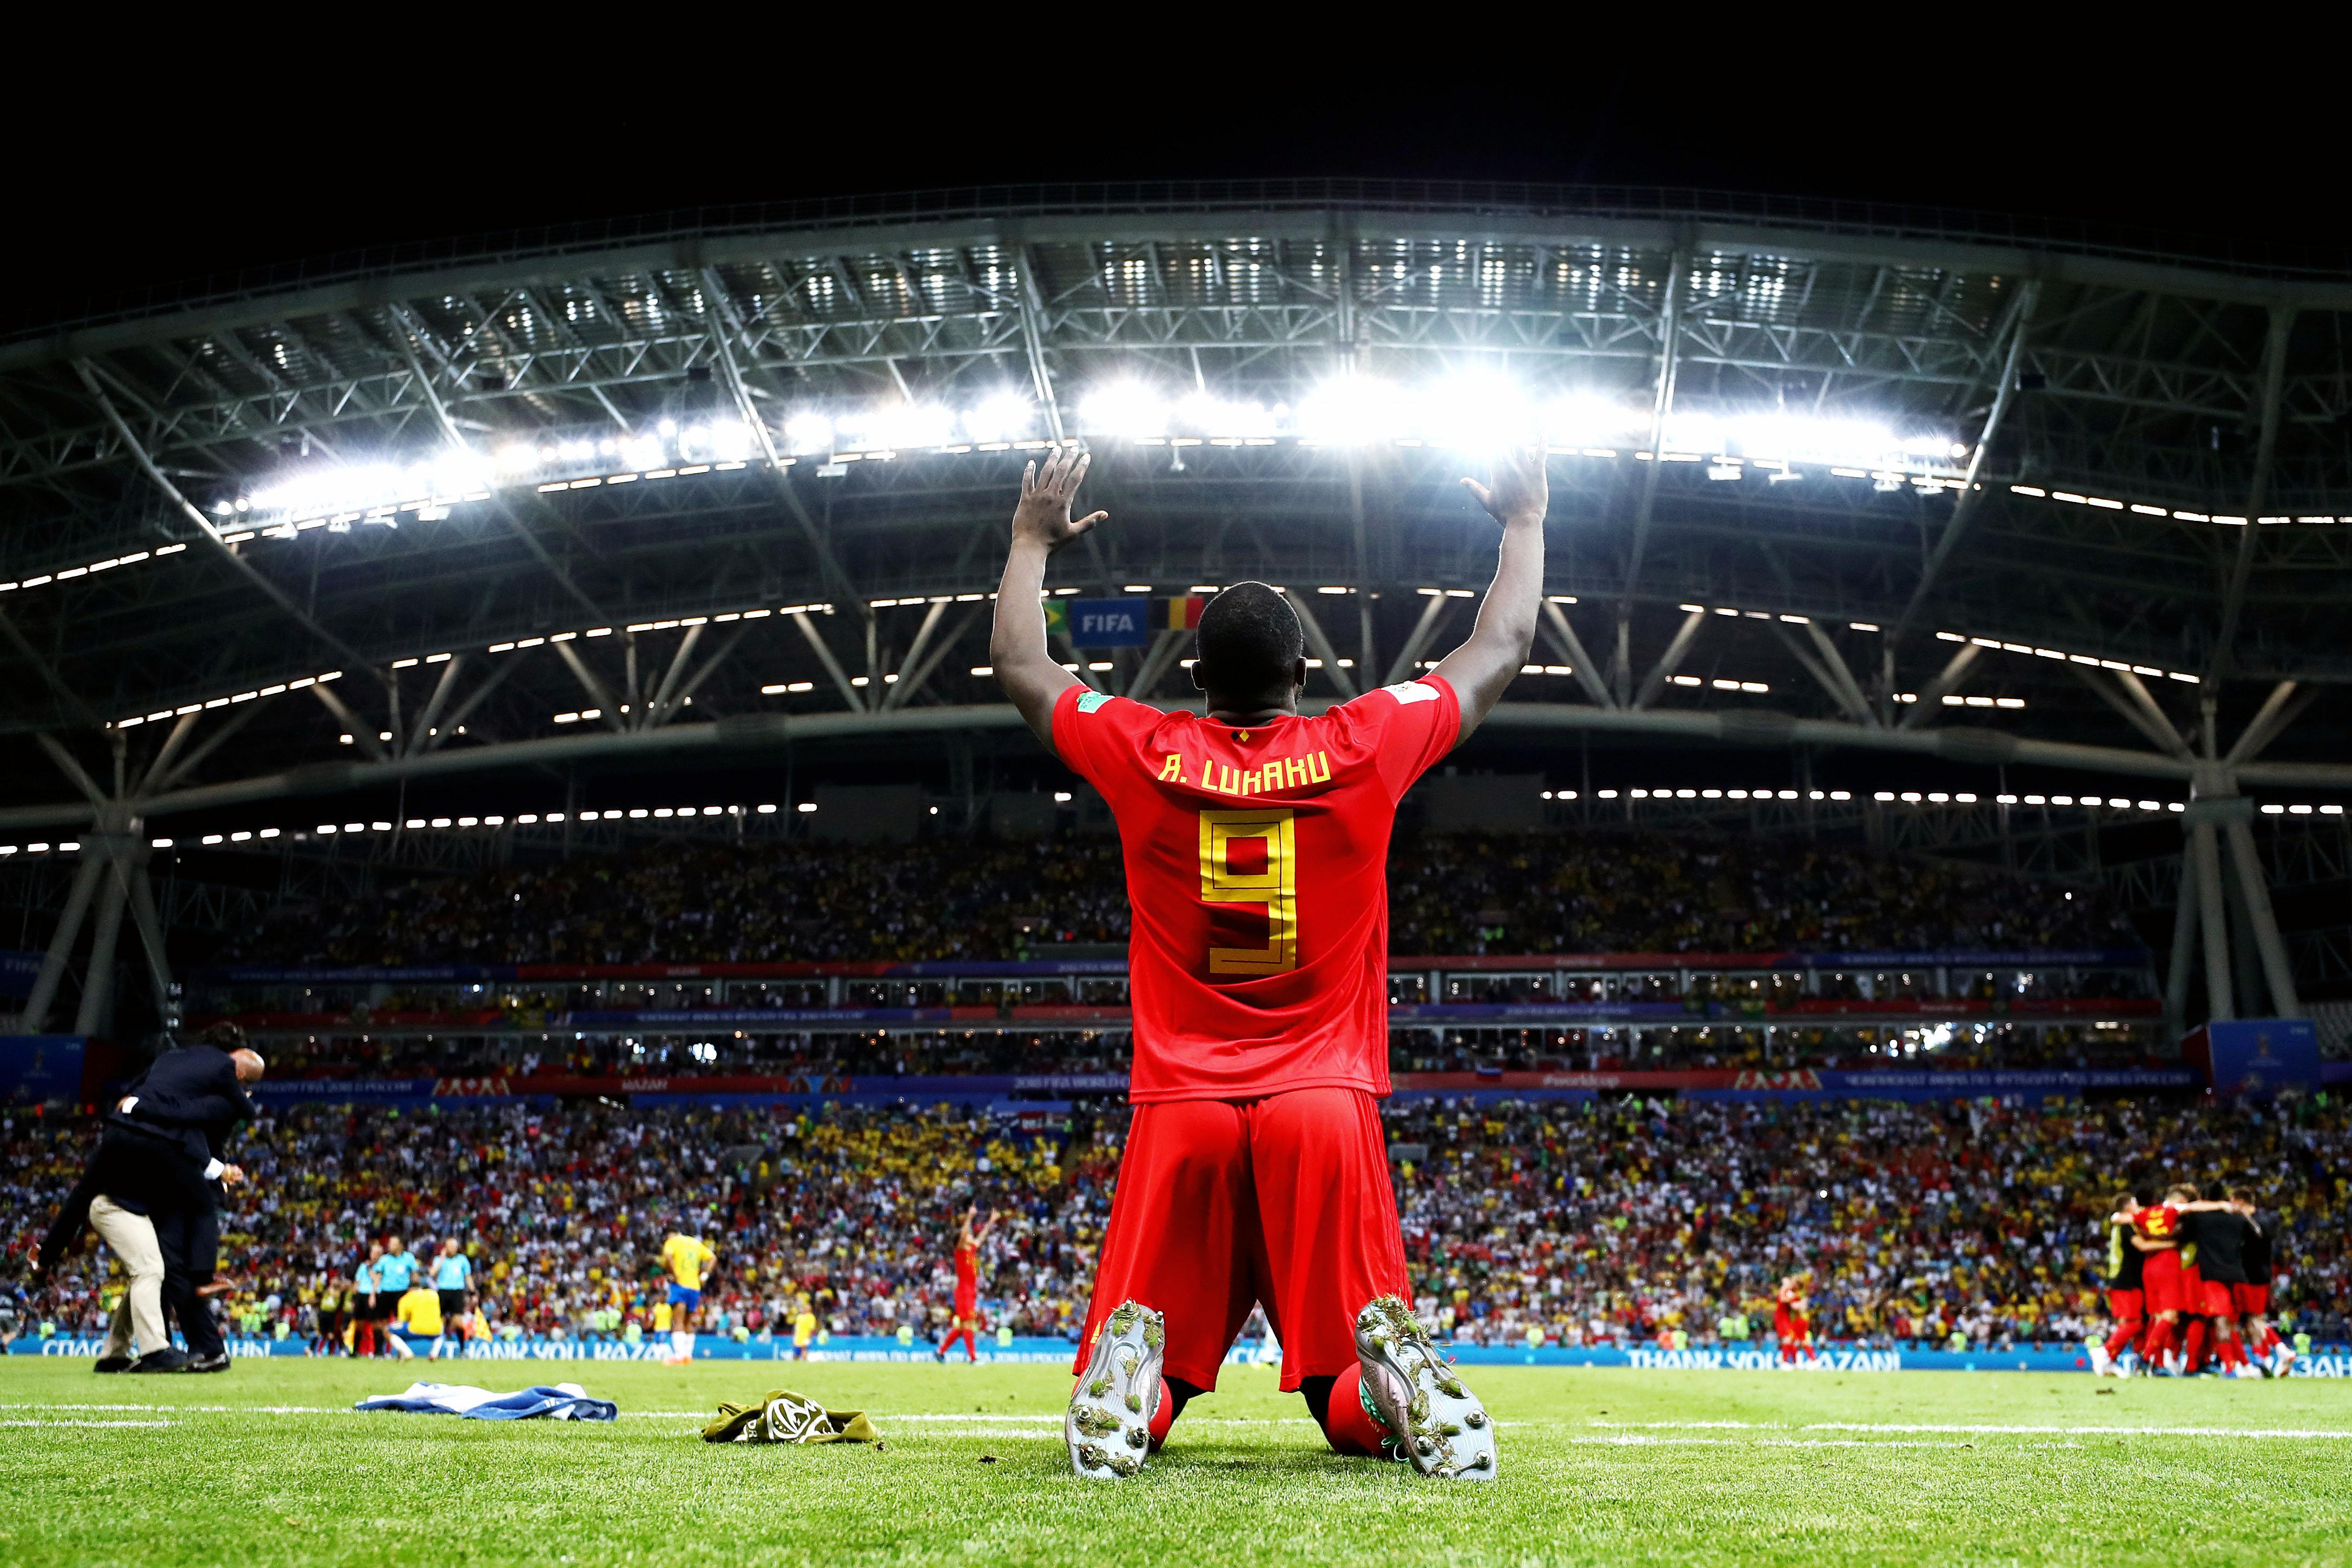 Ромелу Лукаку празднует победу Бельгии надсборной Бразилии в1/4 финала чемпионата мира.